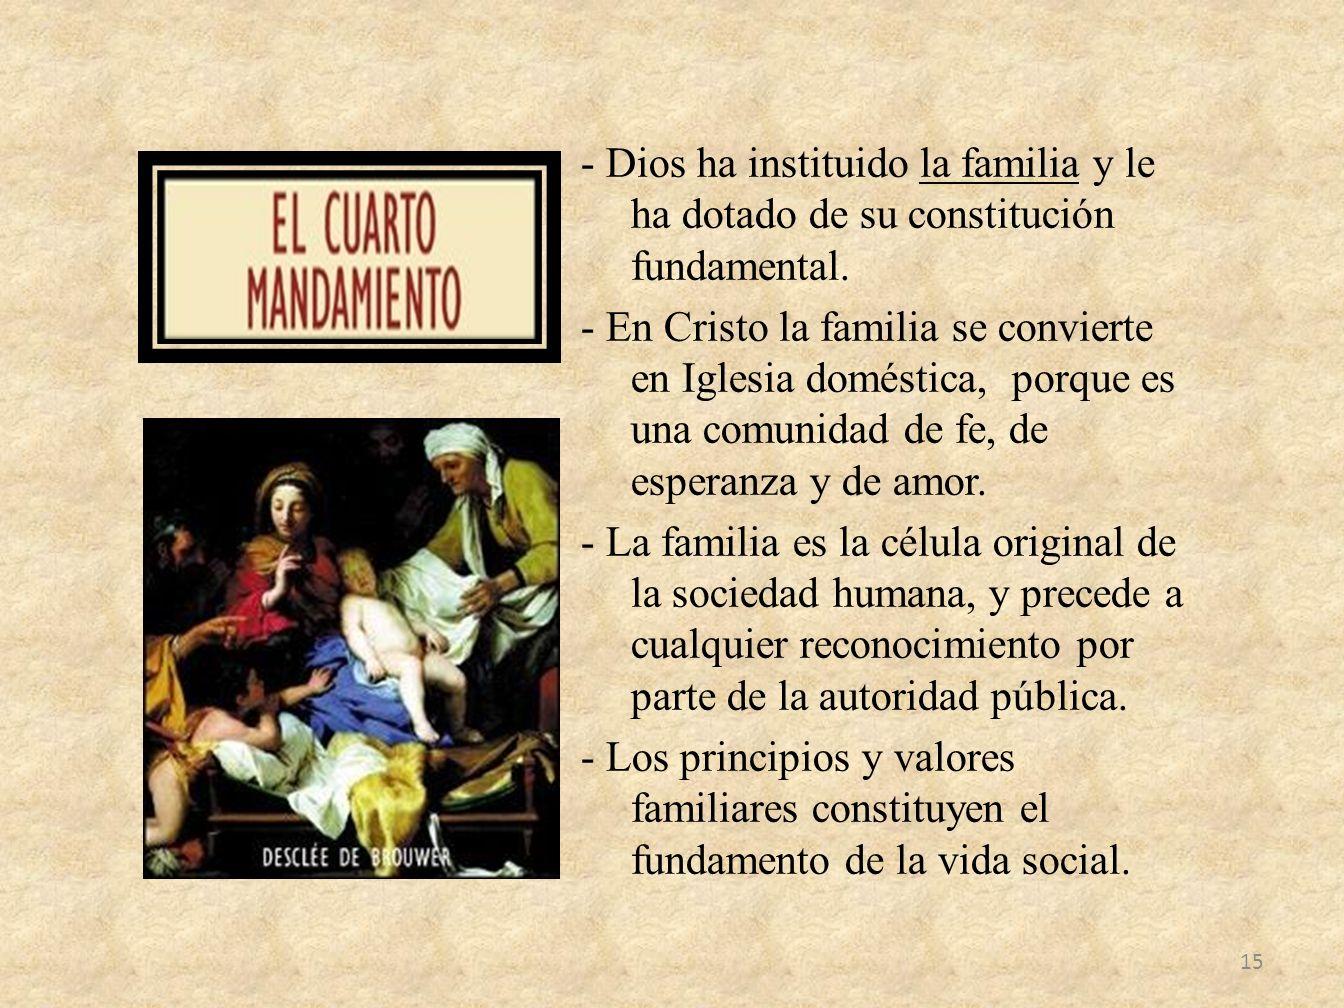 - Dios ha instituido la familia y le ha dotado de su constitución fundamental. - En Cristo la familia se convierte en Iglesia doméstica, porque es una